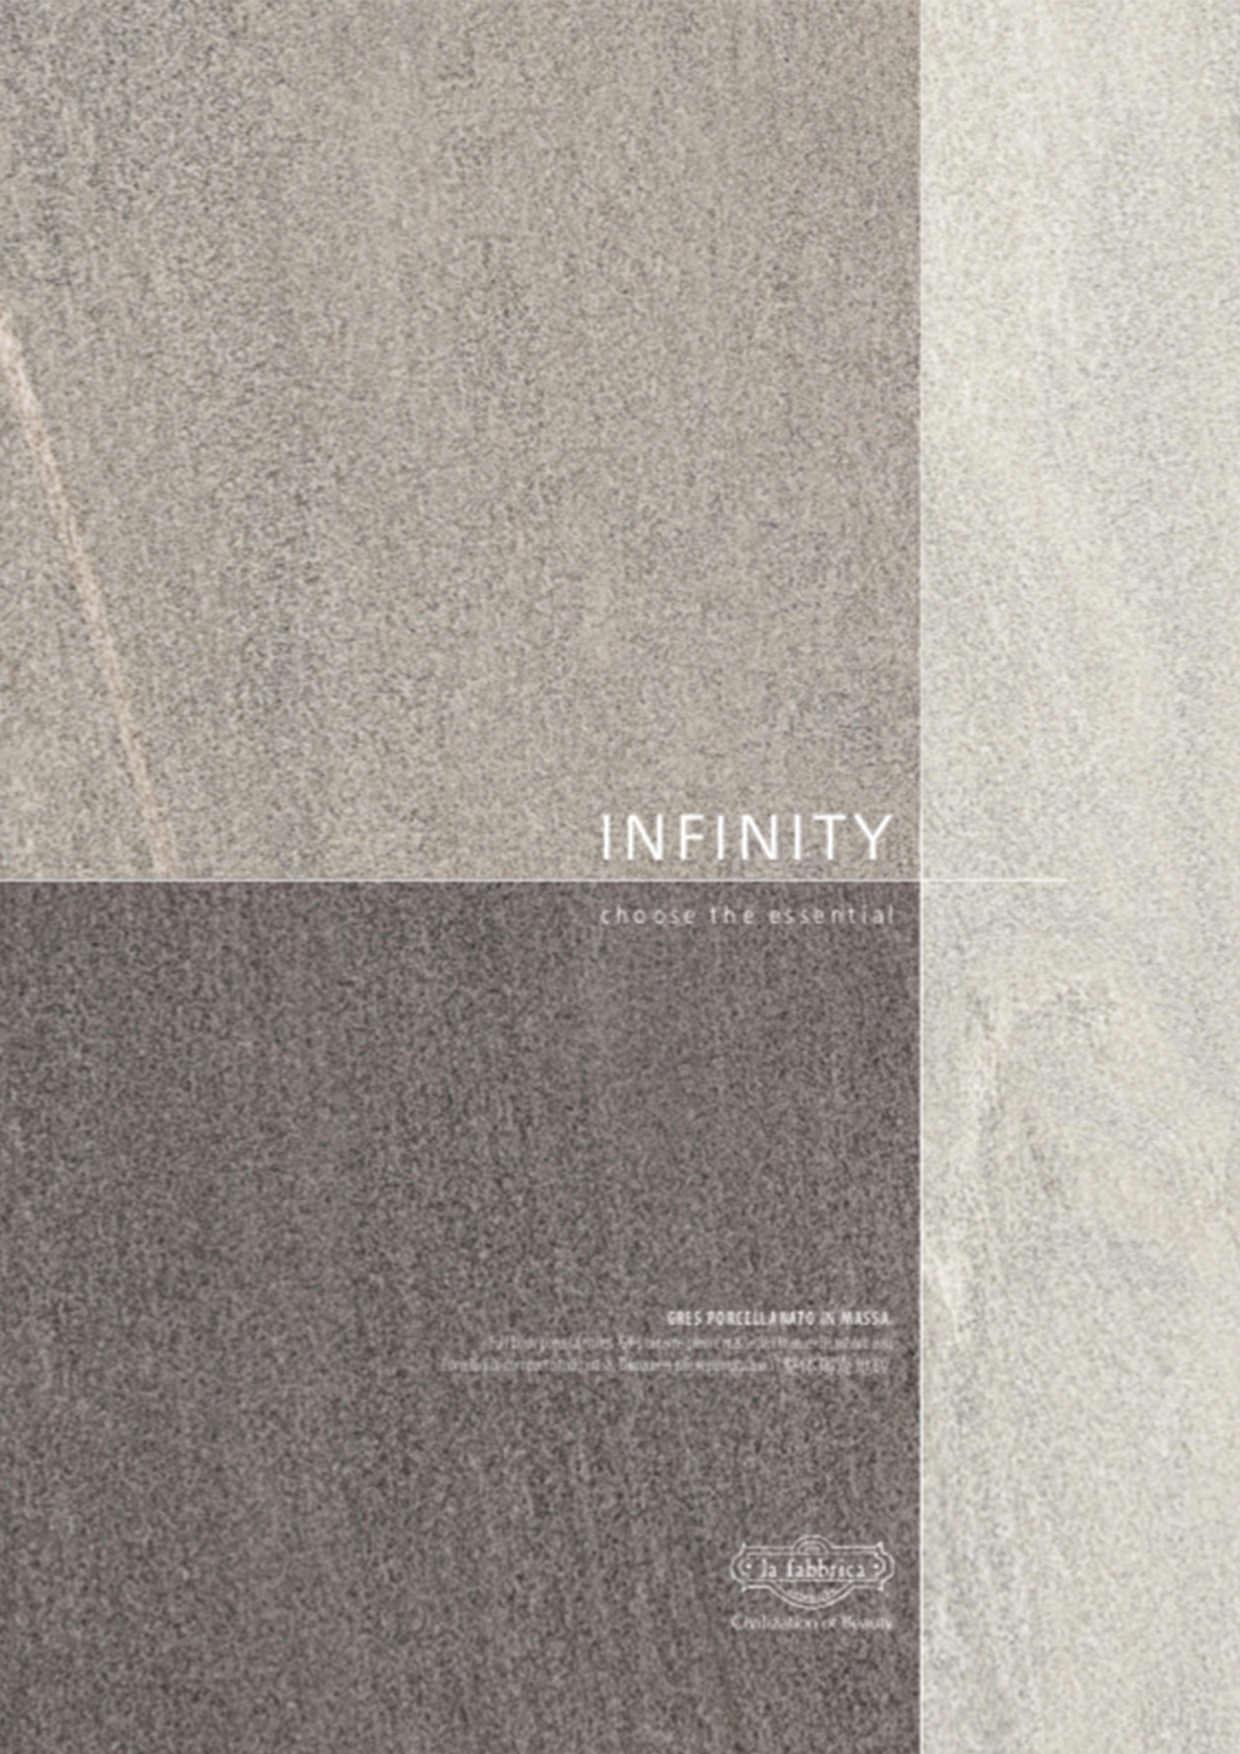 La Fabbrica Catalogo Infinity